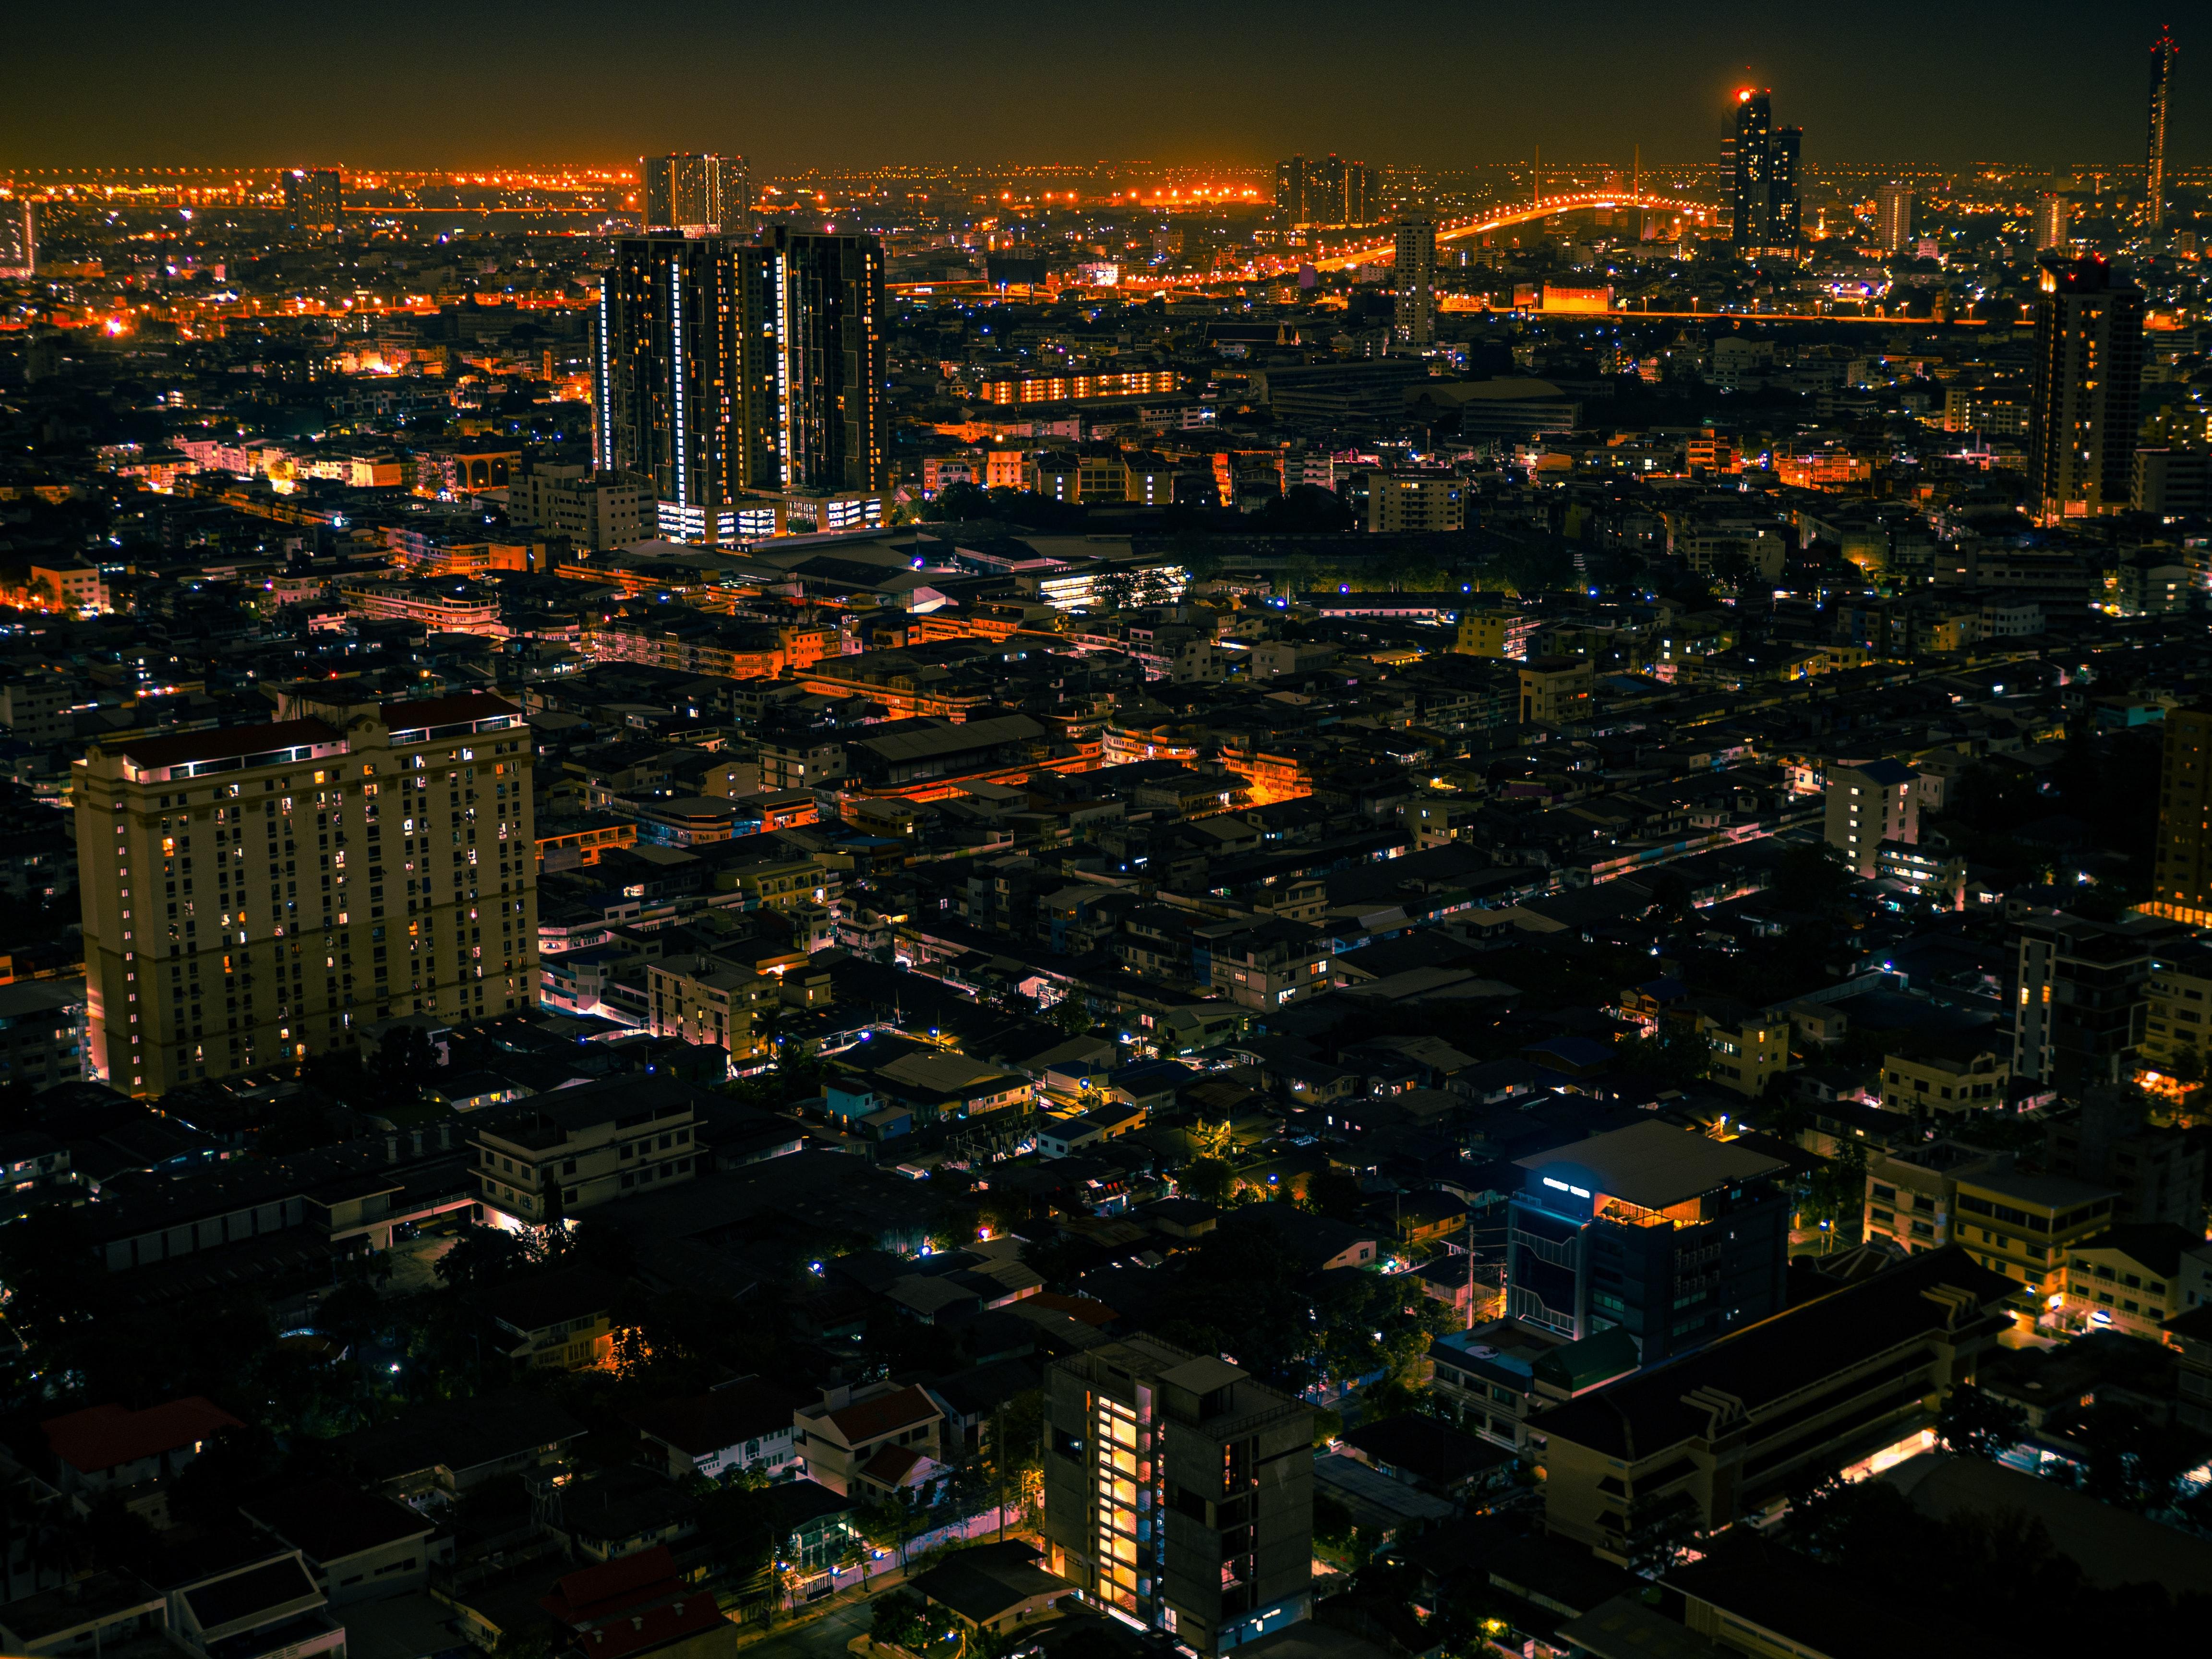 111699 скачать обои Города, Улицы, Огни, Вид Сверху, Ночной Город - заставки и картинки бесплатно